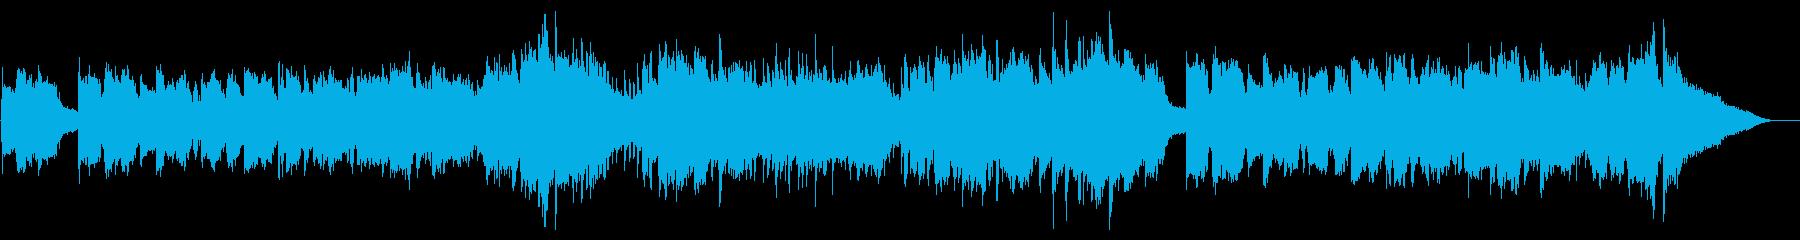 秋のエンディング・優しいアコギポップスの再生済みの波形